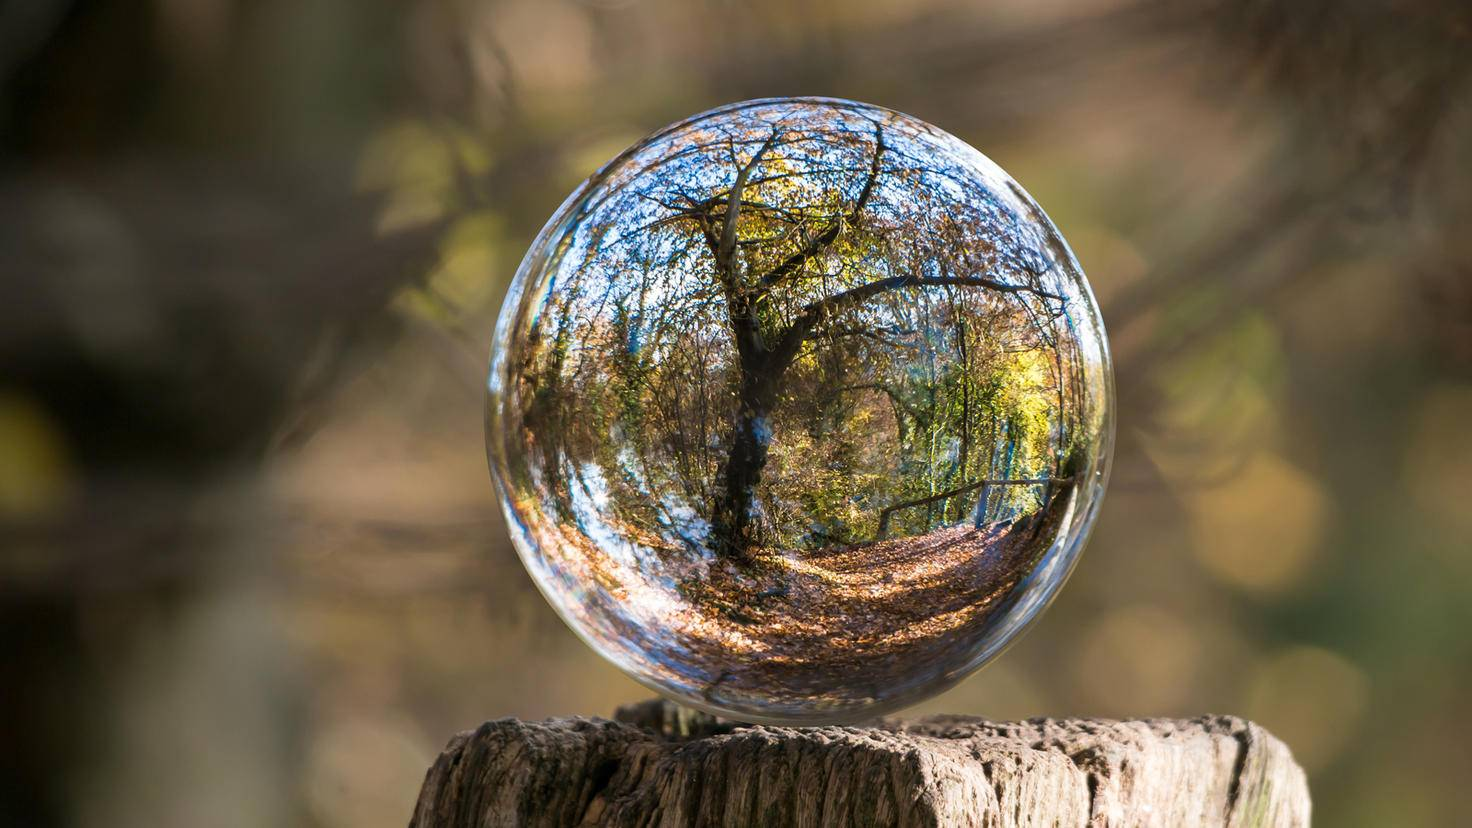 Auf Holzoberflächen bleibt Deine Glaskugel manchmal von allein am Platz. Bei glatterem Untergrund musst du eventuell nachhelfen.